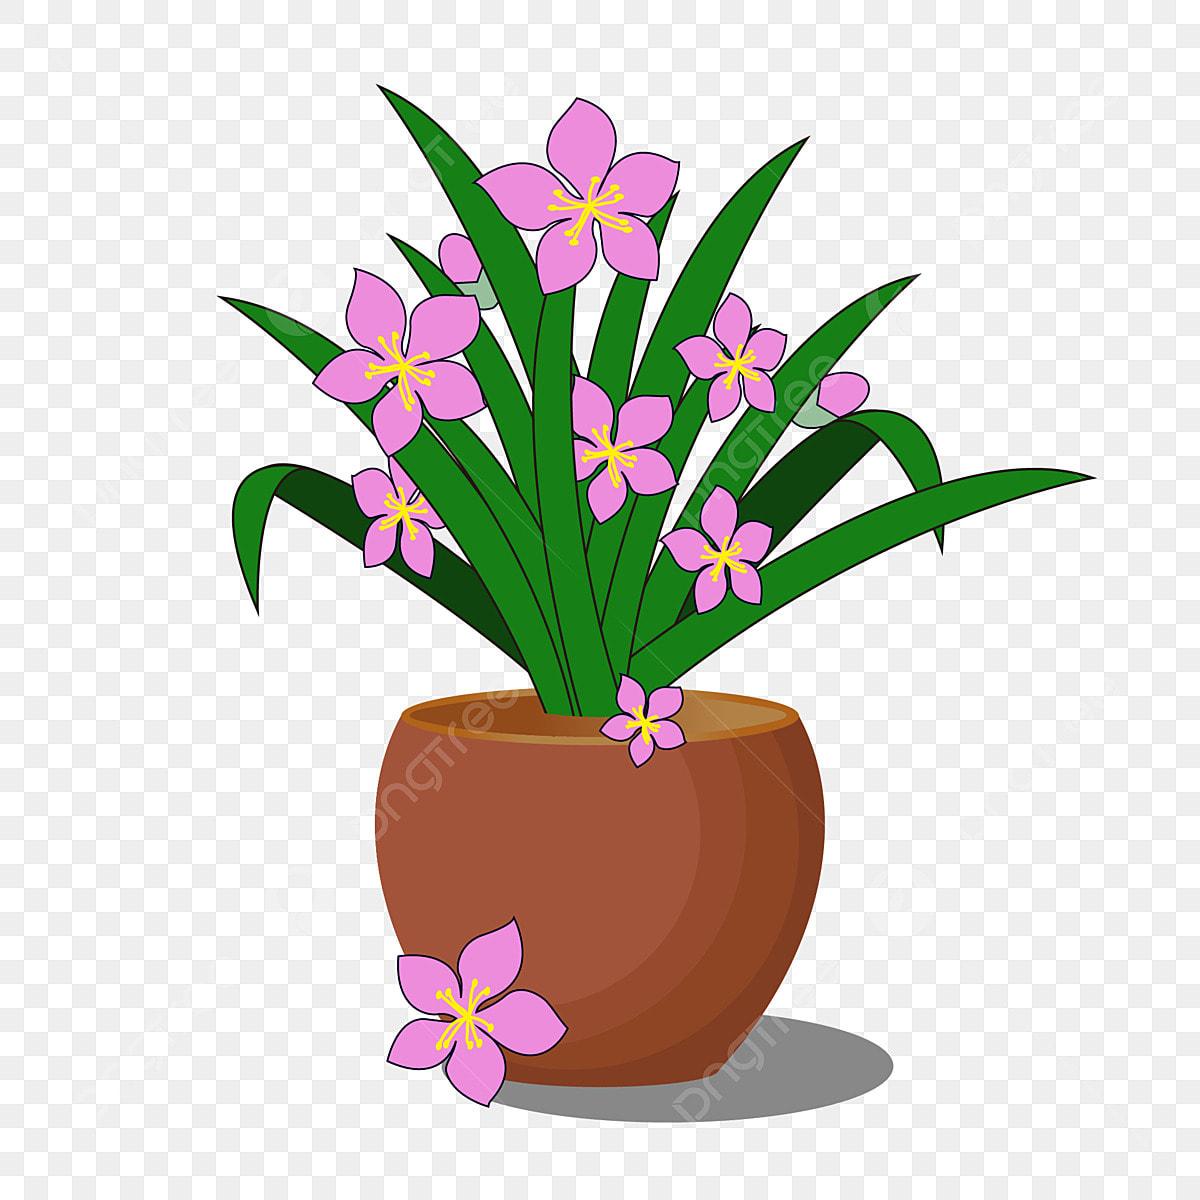 Gambar Bunga Mudah Daun Hijau Bahan Grafik Kecil Pasu Mudah Bunga Daun Hijau Png Dan Clipart Untuk Muat Turun Percuma